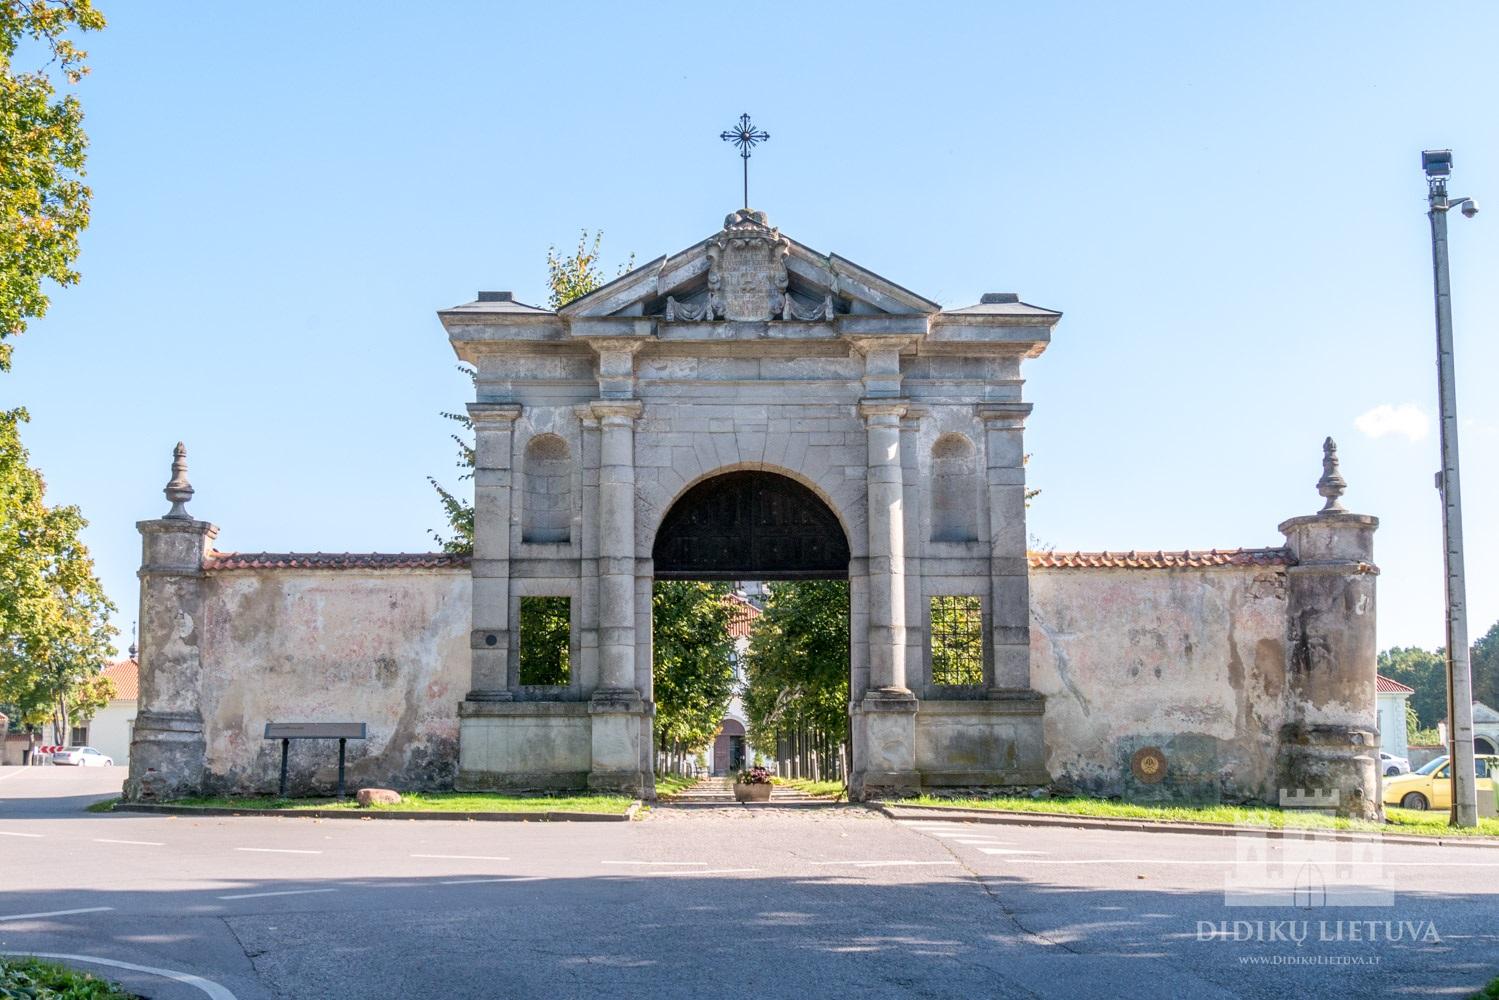 Pažaislio kamaldulių vienuolyno ansamblio Didieji vartai ir alėjos tvora su dvejais vartais